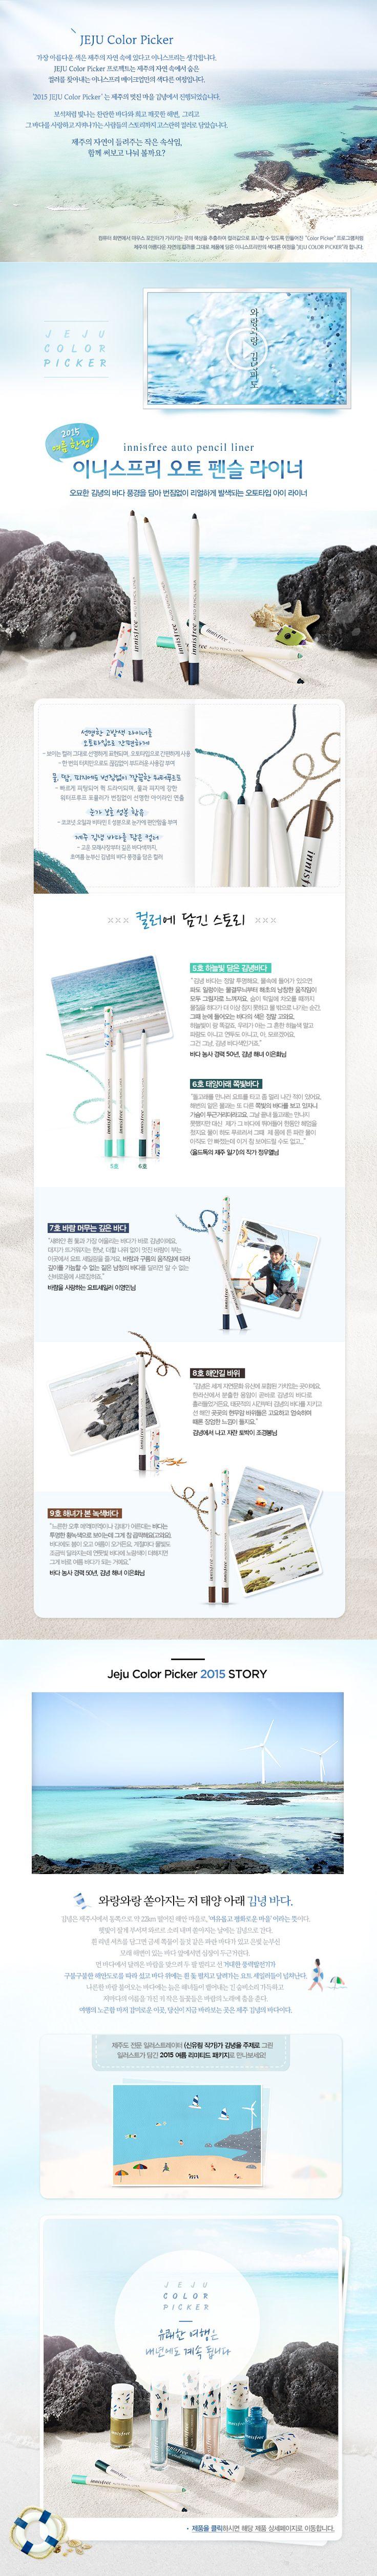 쇼핑하기 > 컬러메이크업 > 아이라이너   Natural benefit from Jeju, innisfree